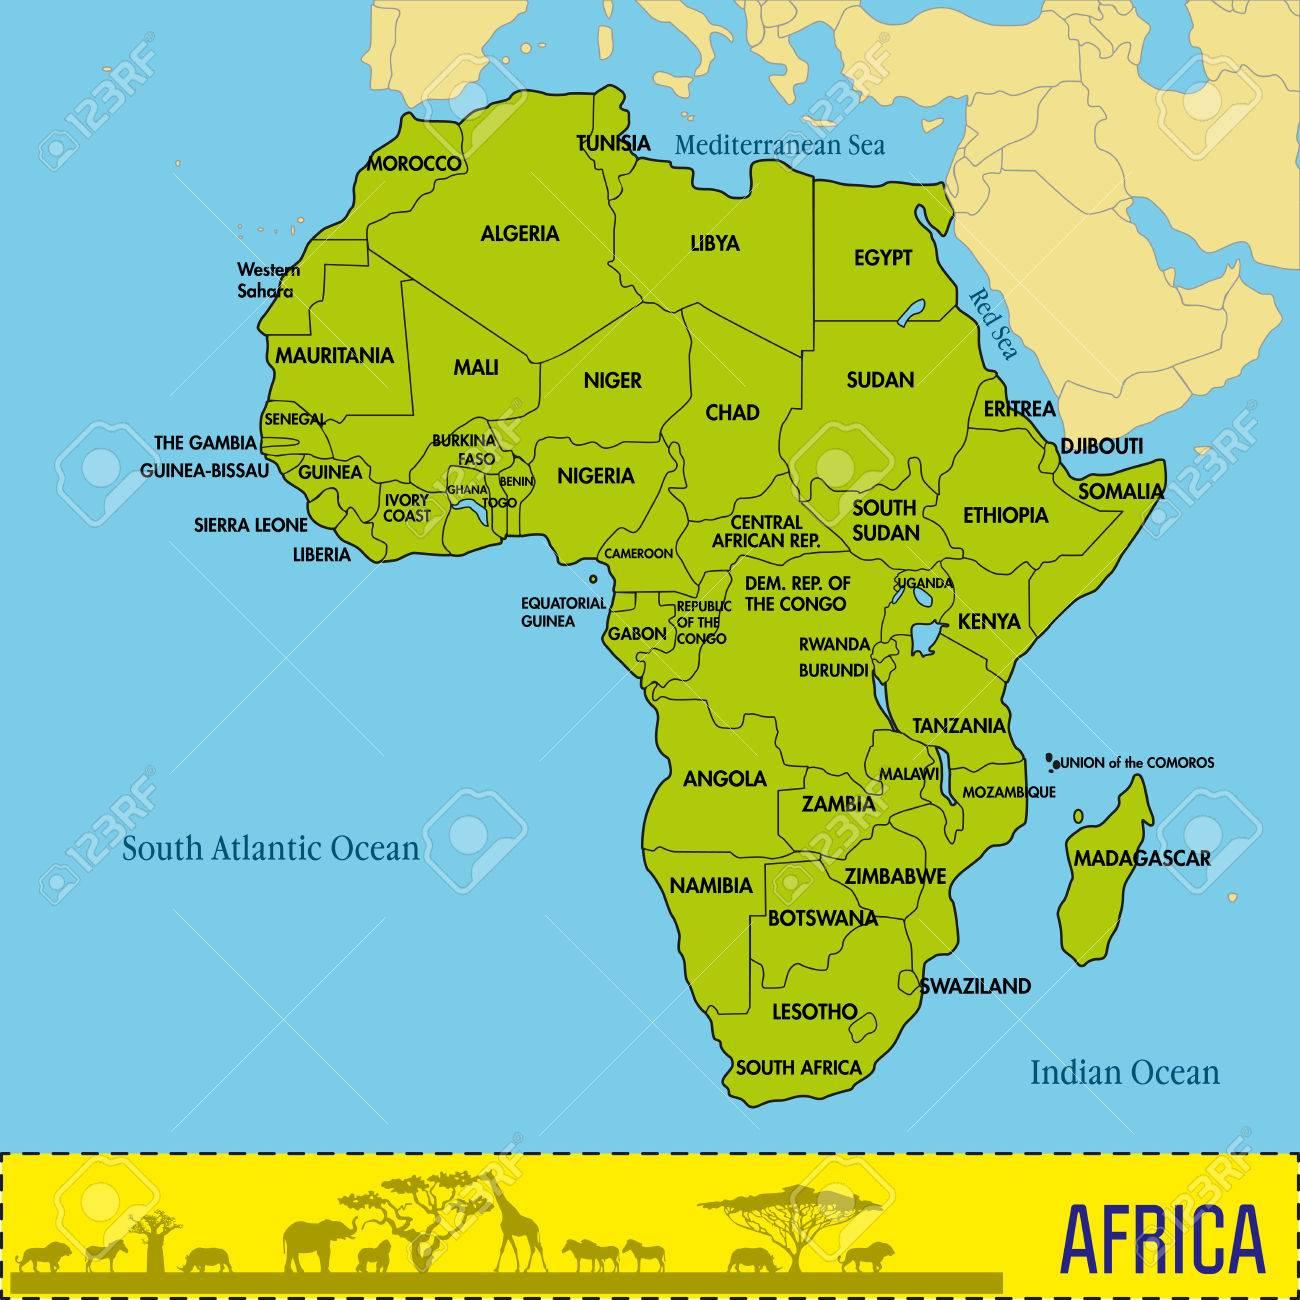 Une Carte Politique Très Détaillée Du Continent, Située Sur La Plaque  Continentale Africaine Avec Tous Les Pays Et Leurs Capitales. Illustration tout Pays Et Leurs Capitales